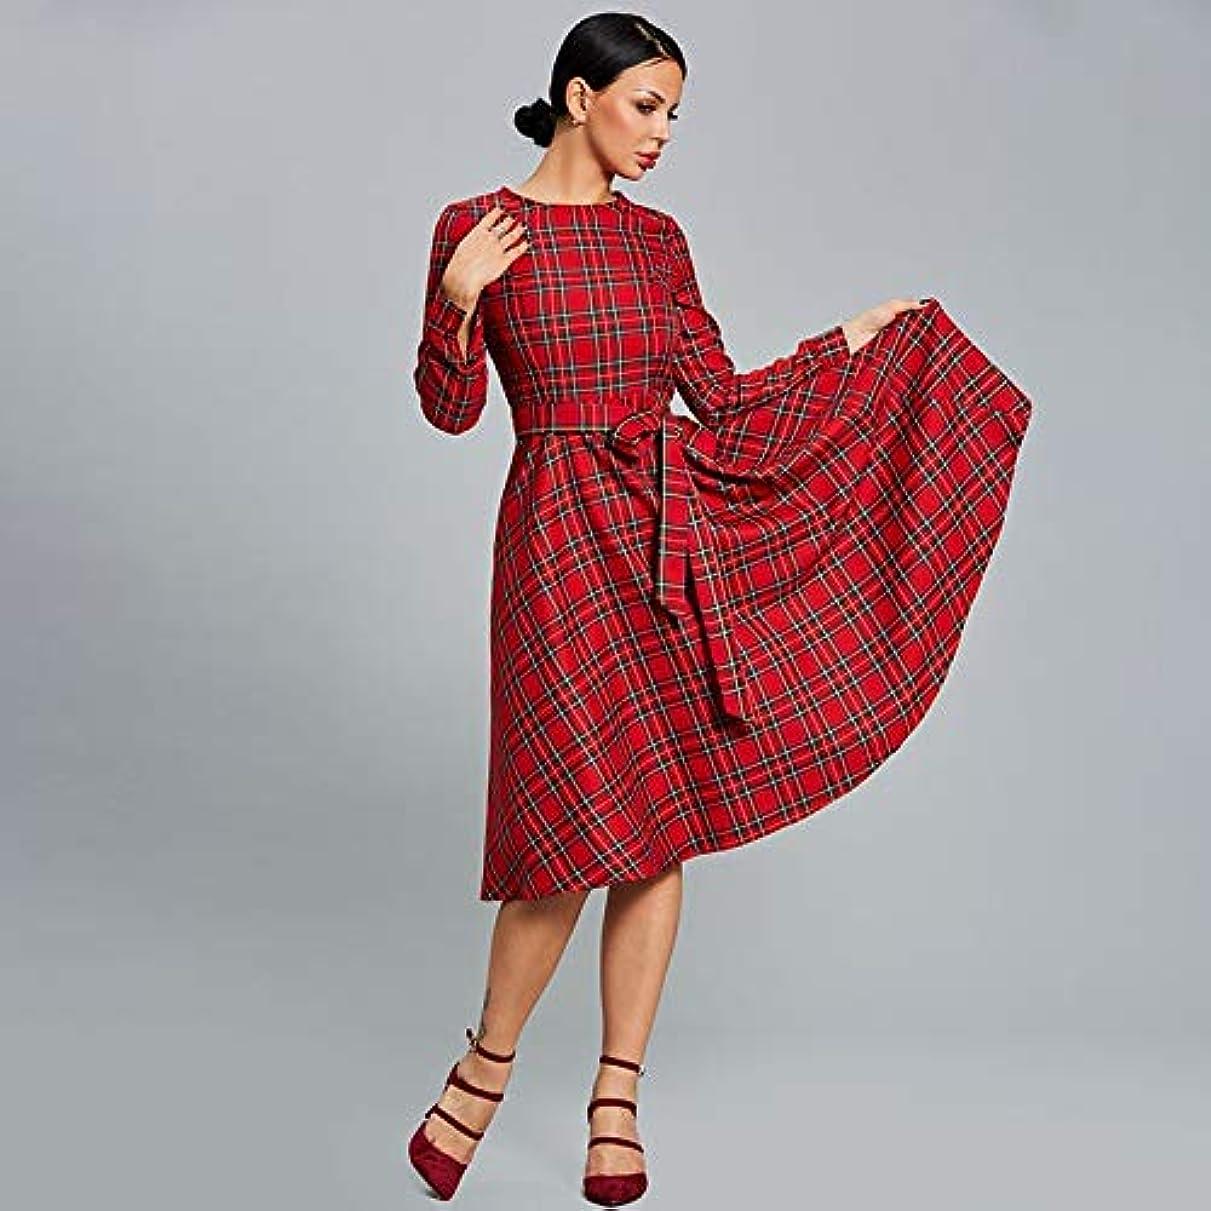 隣人手つかずの芝生Onderroa - 女性のドレス秋のタータンチェックレッドパーティードレスOネックロングスリーブパッチワークラインデー2018女性の厚いヴィンテージドレス